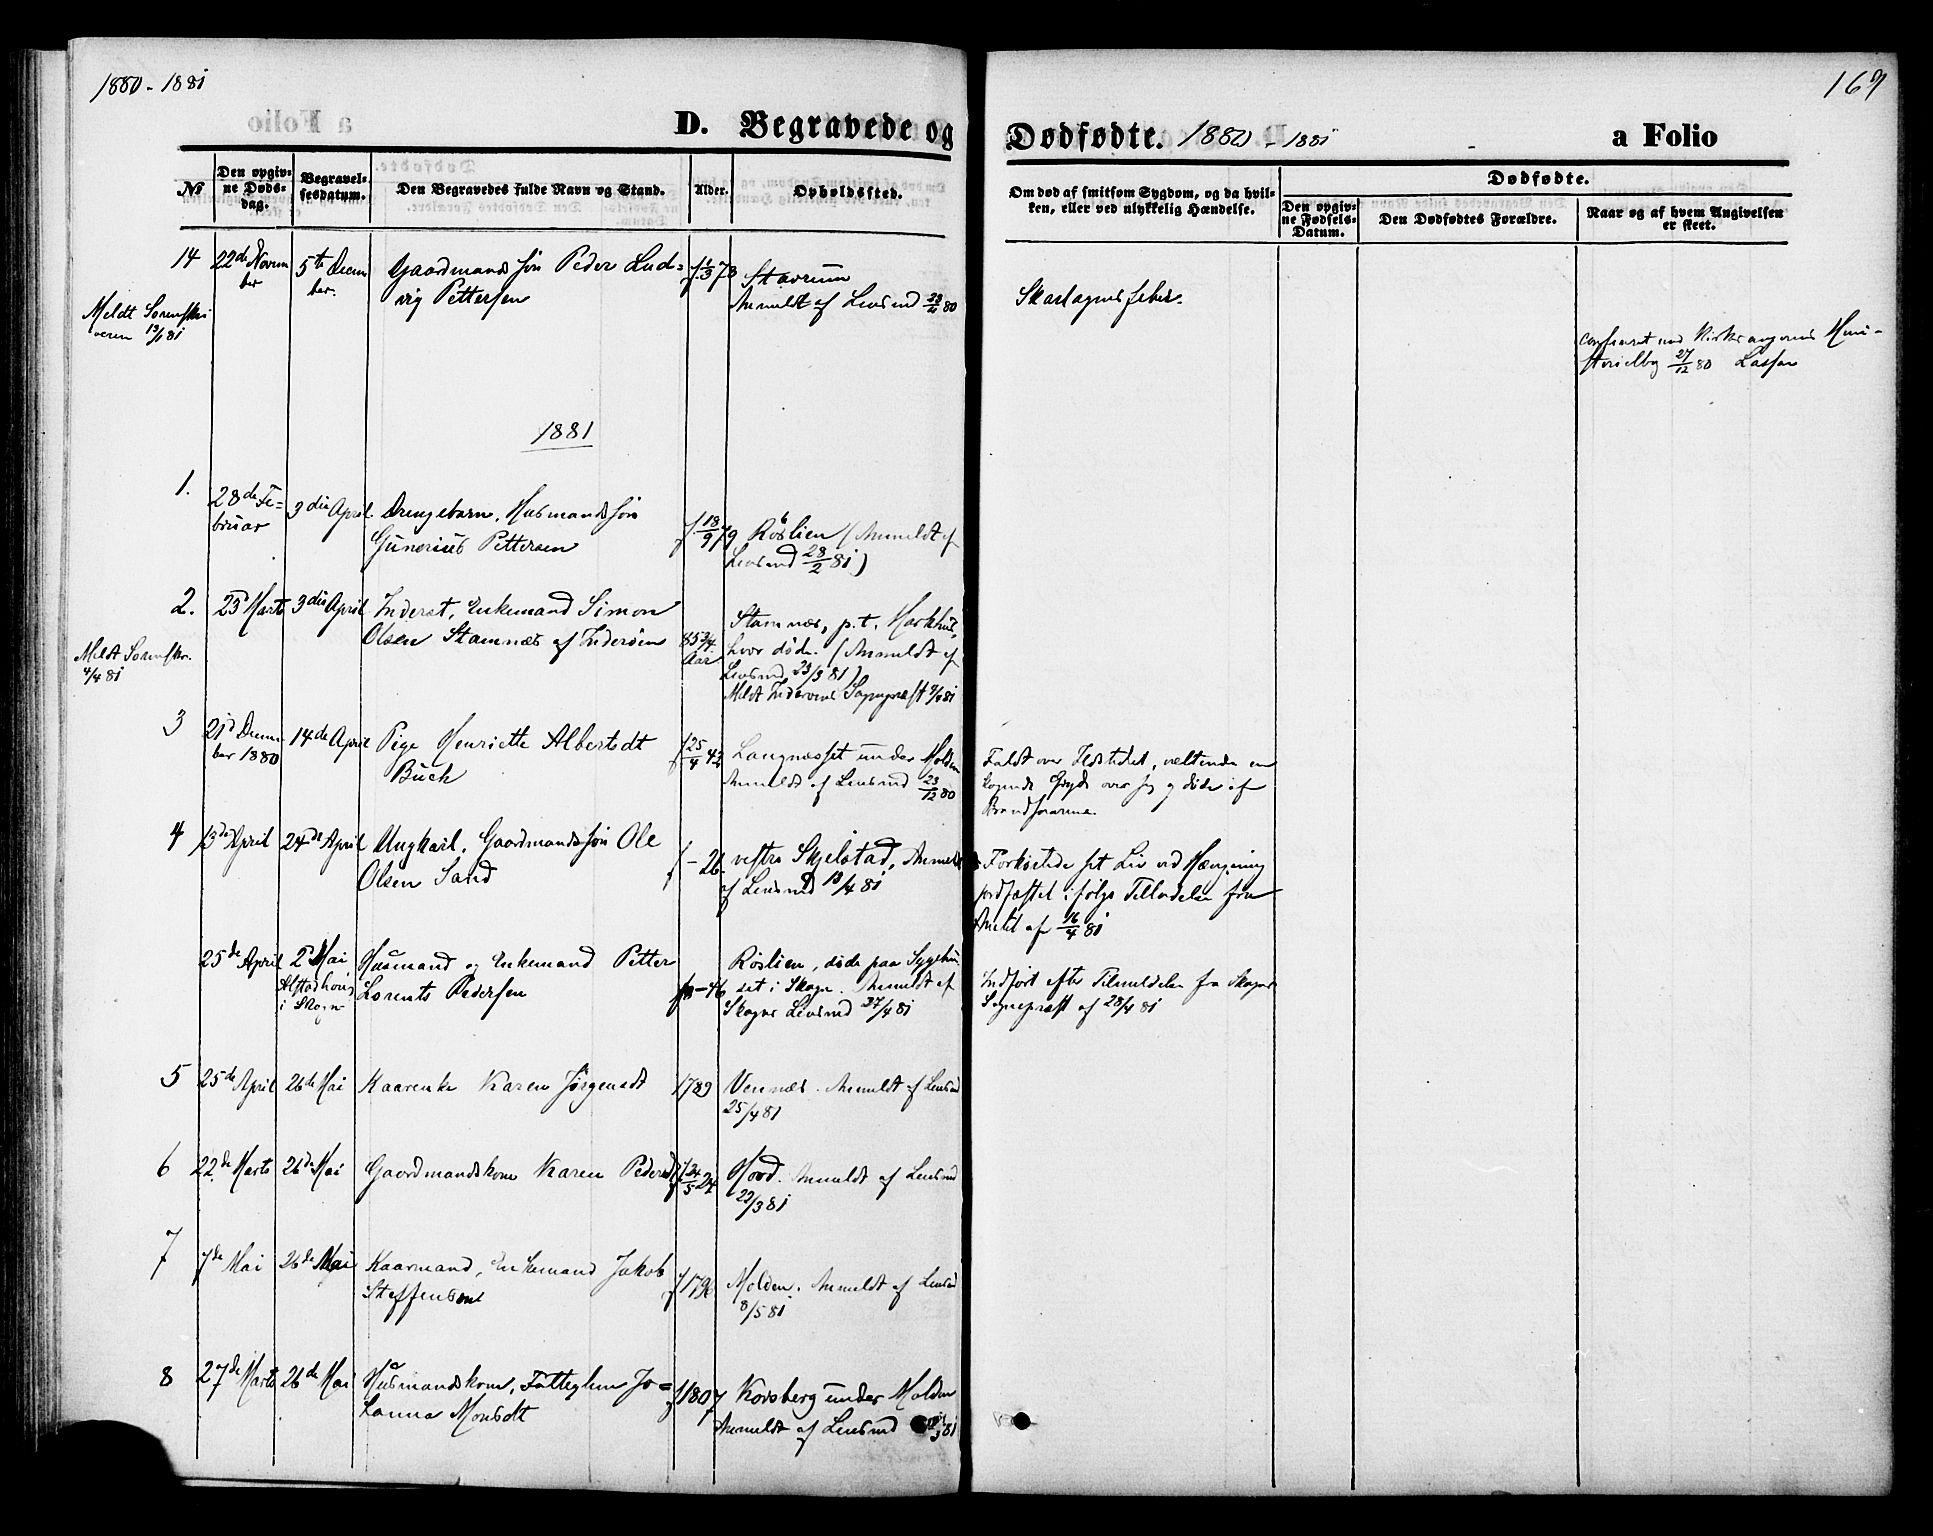 SAT, Ministerialprotokoller, klokkerbøker og fødselsregistre - Nord-Trøndelag, 744/L0419: Ministerialbok nr. 744A03, 1867-1881, s. 169